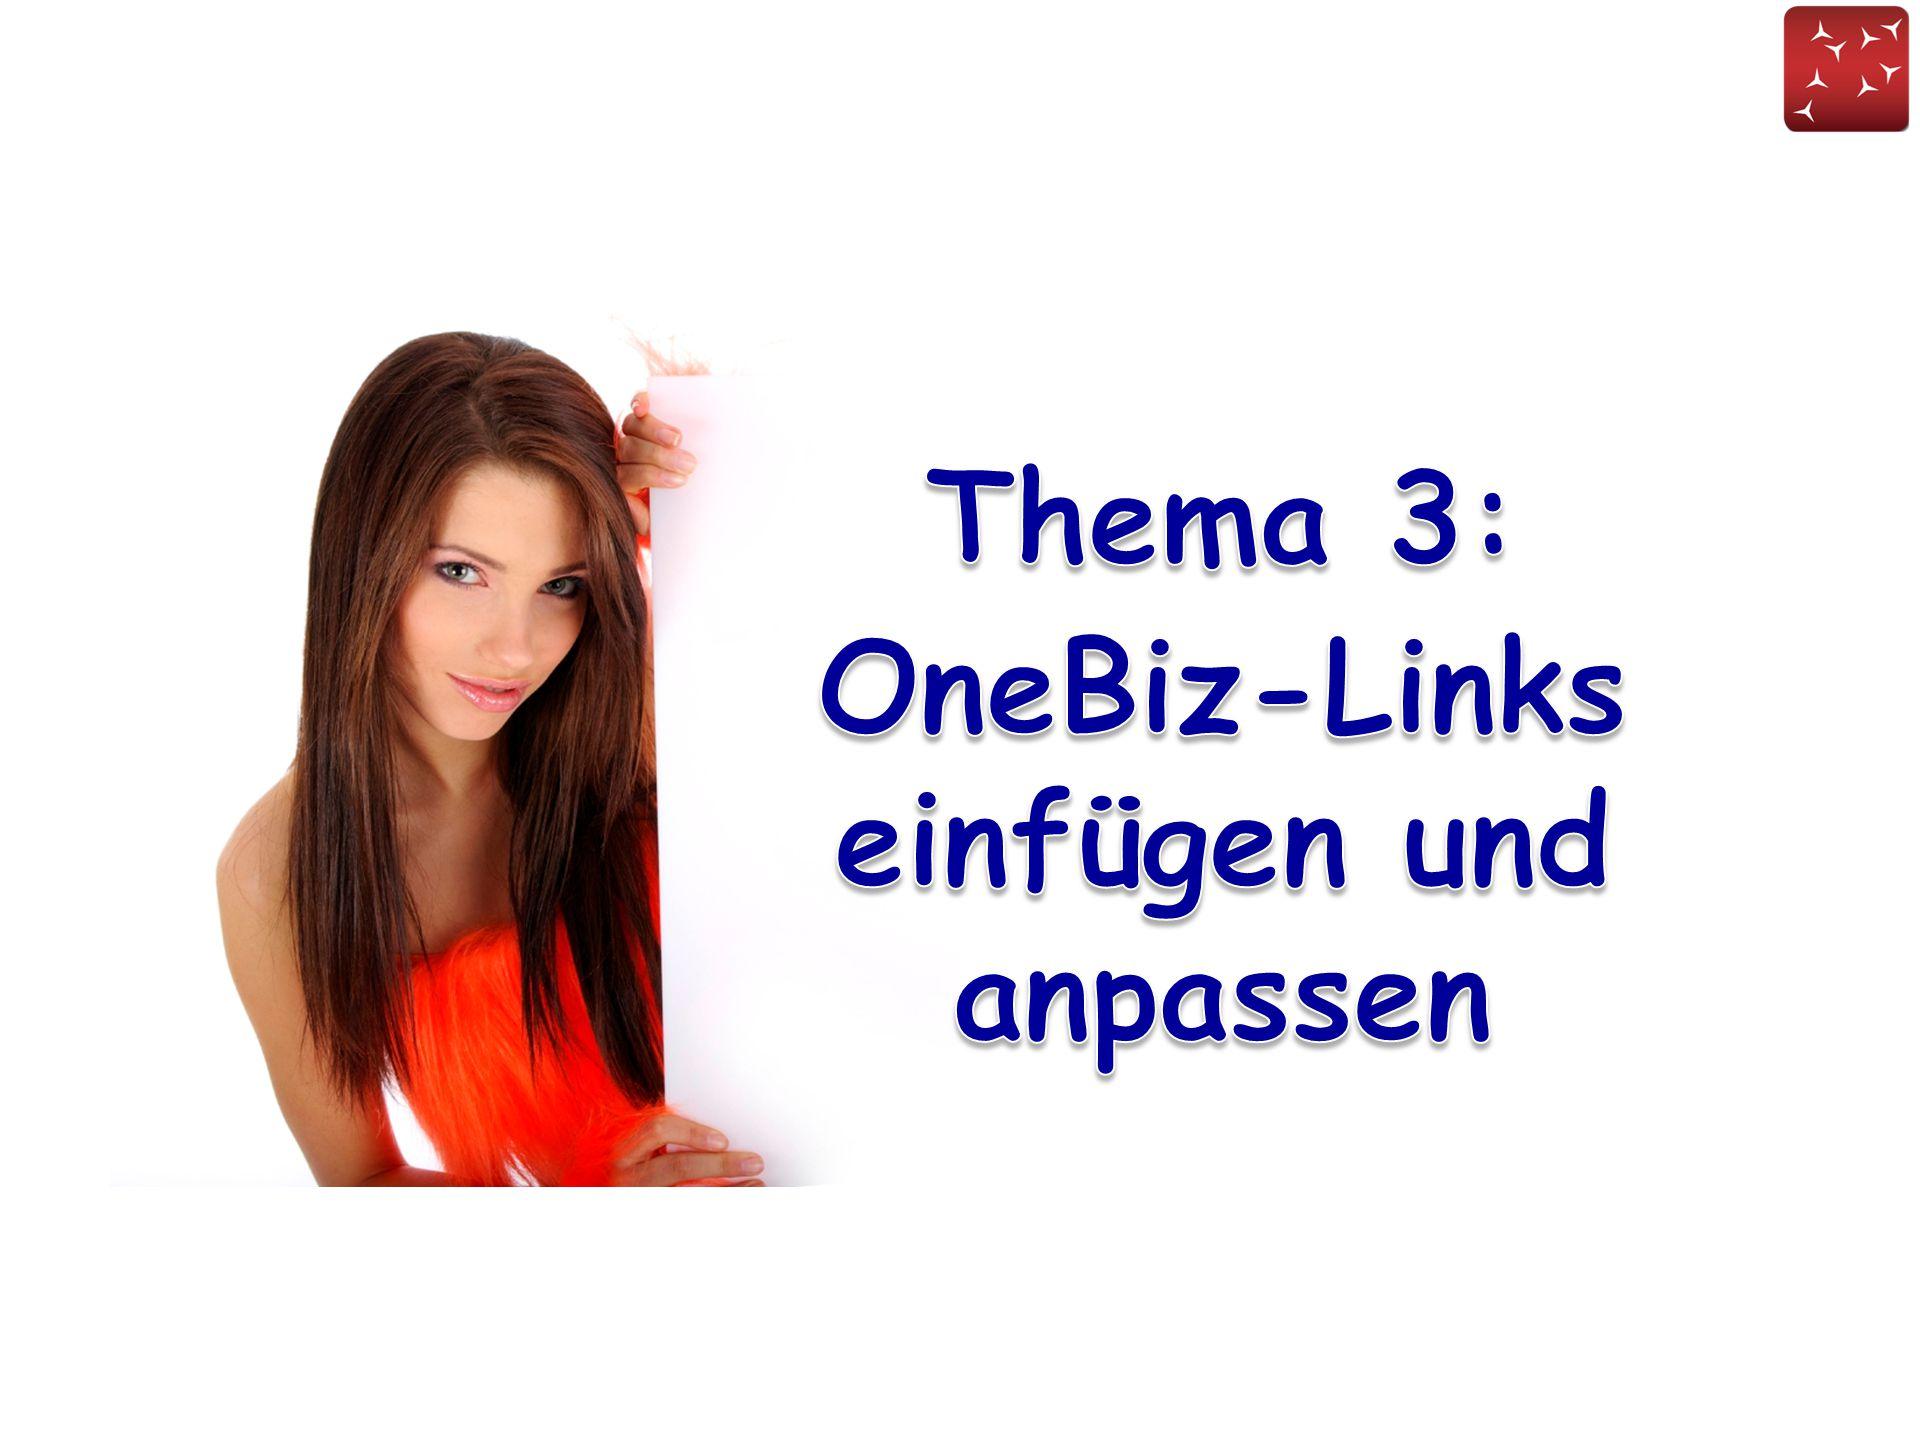 OneBiz-Links einfügen und anpassen